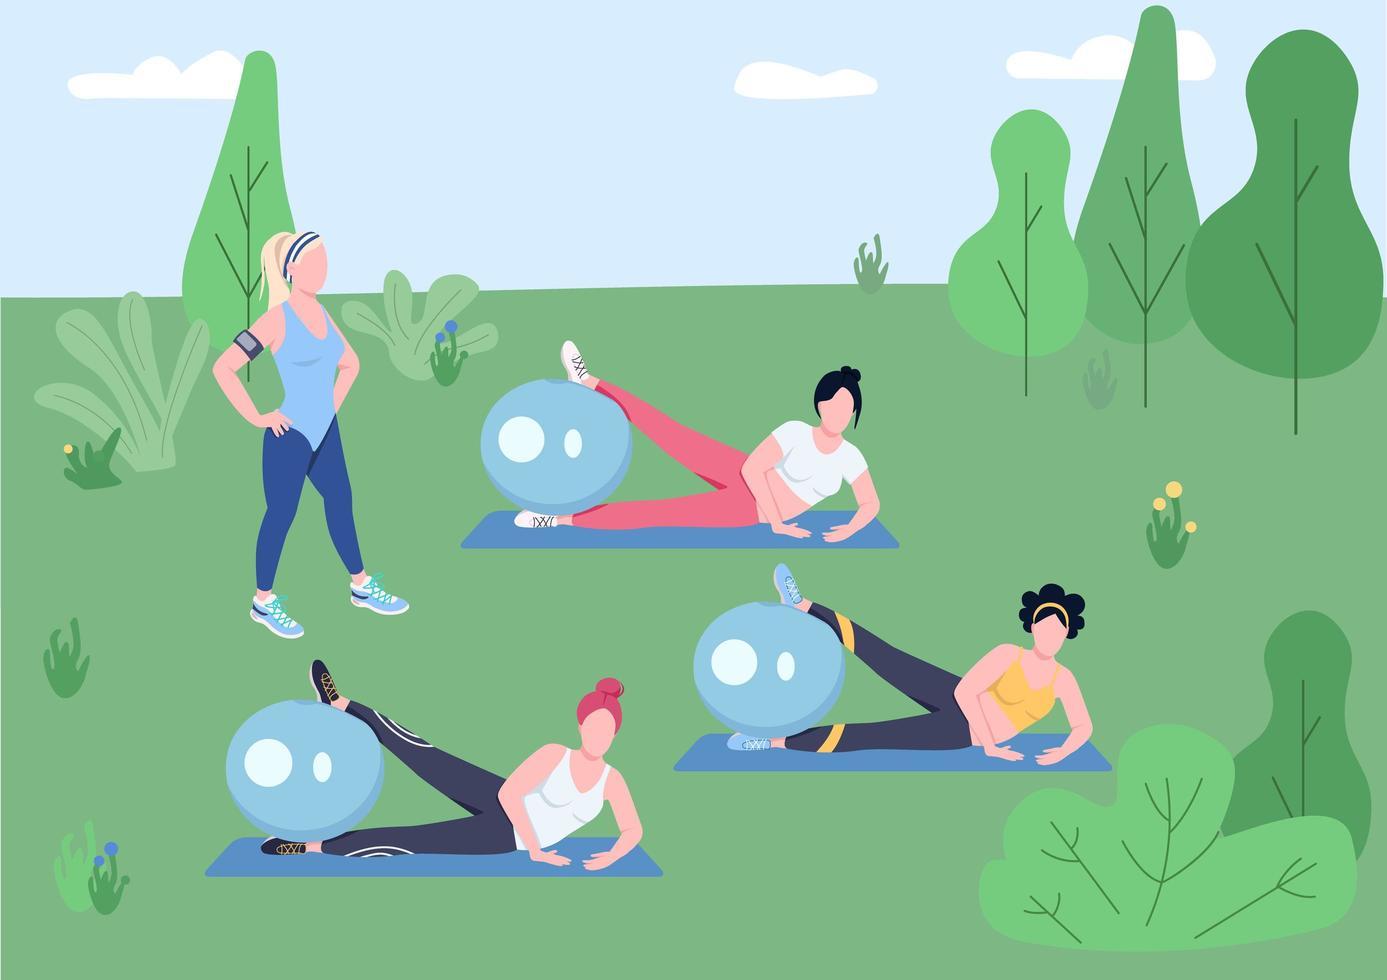 cours de pilates en plein air vecteur